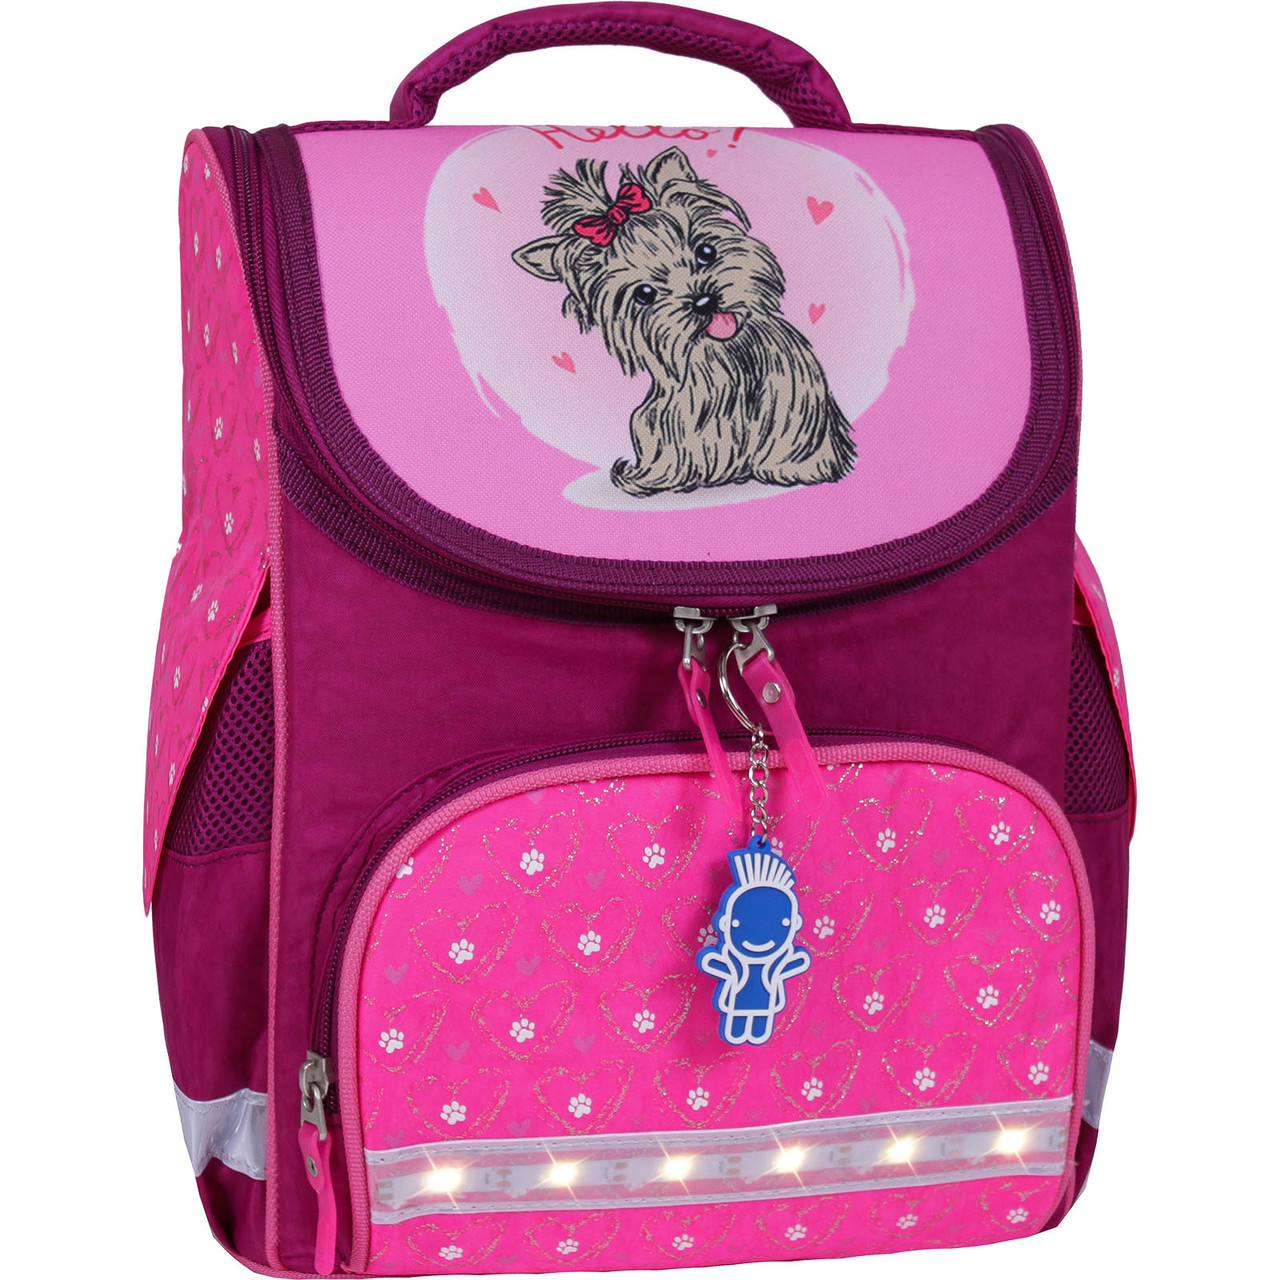 Рюкзак школьный каркасный с фонариками Bagland Успех 12 л. малиновый 167 (00551703)